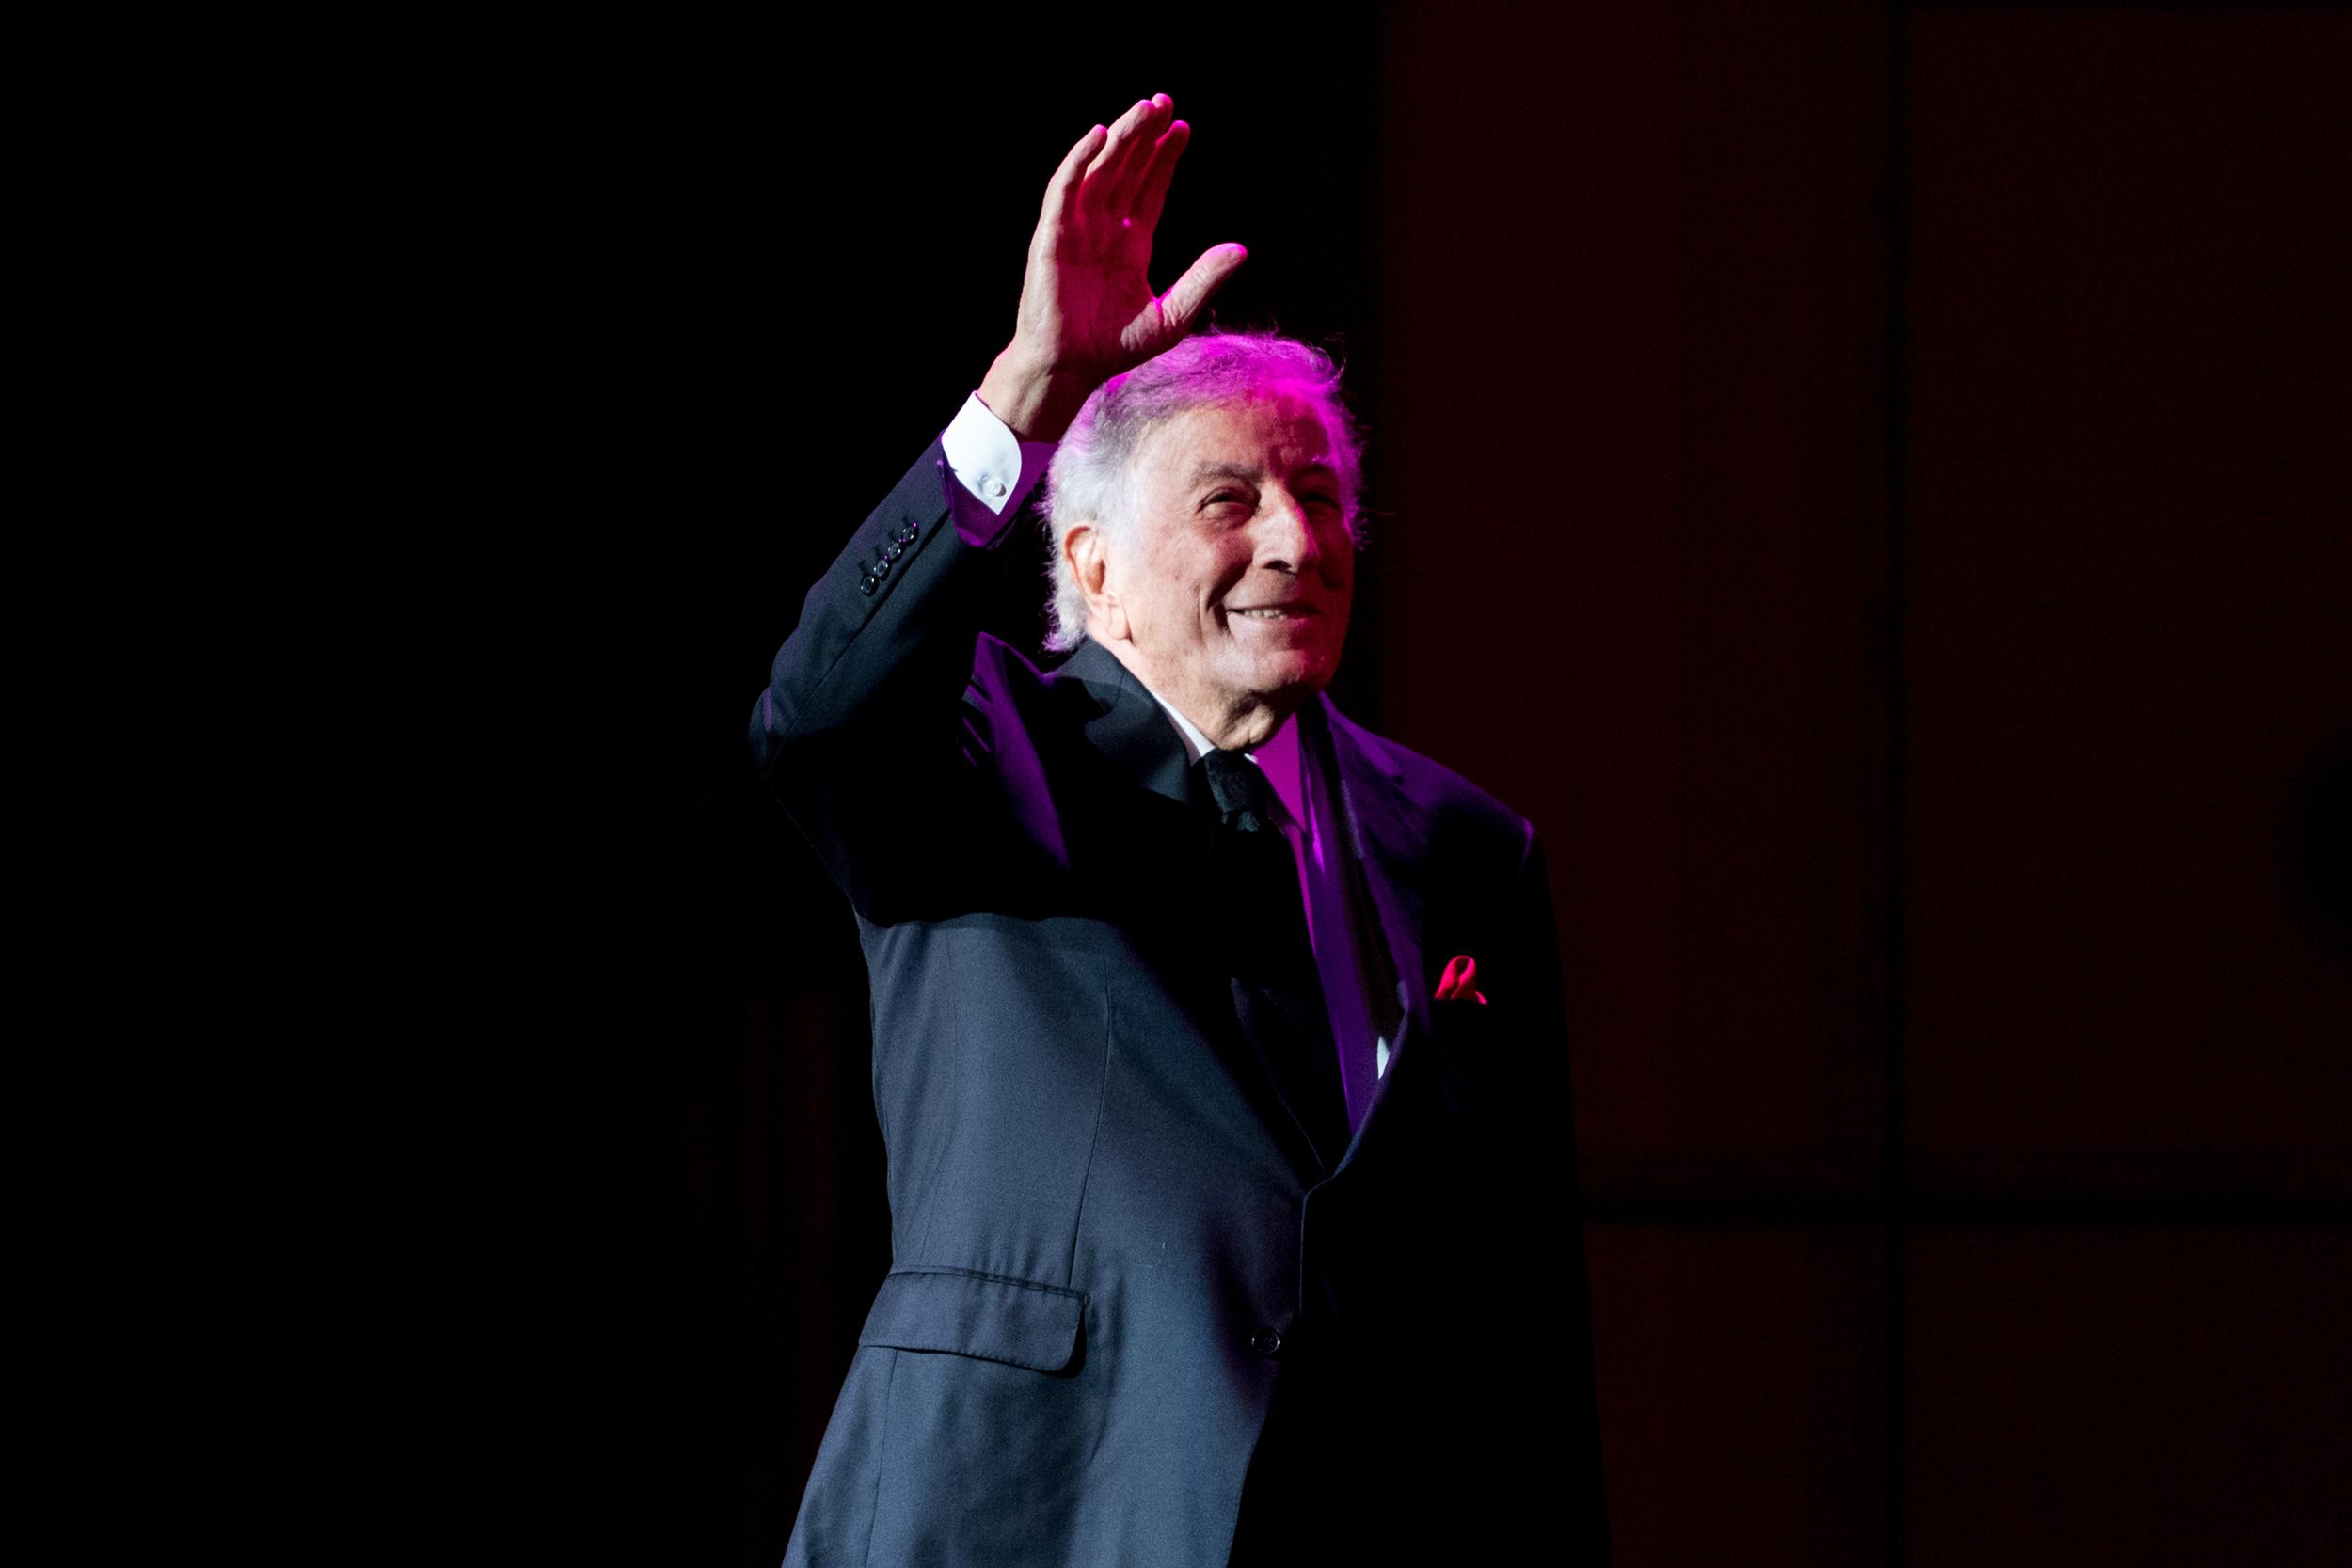 Legendary crooner Tony Bennett retires from performing on 'doctors' orders'